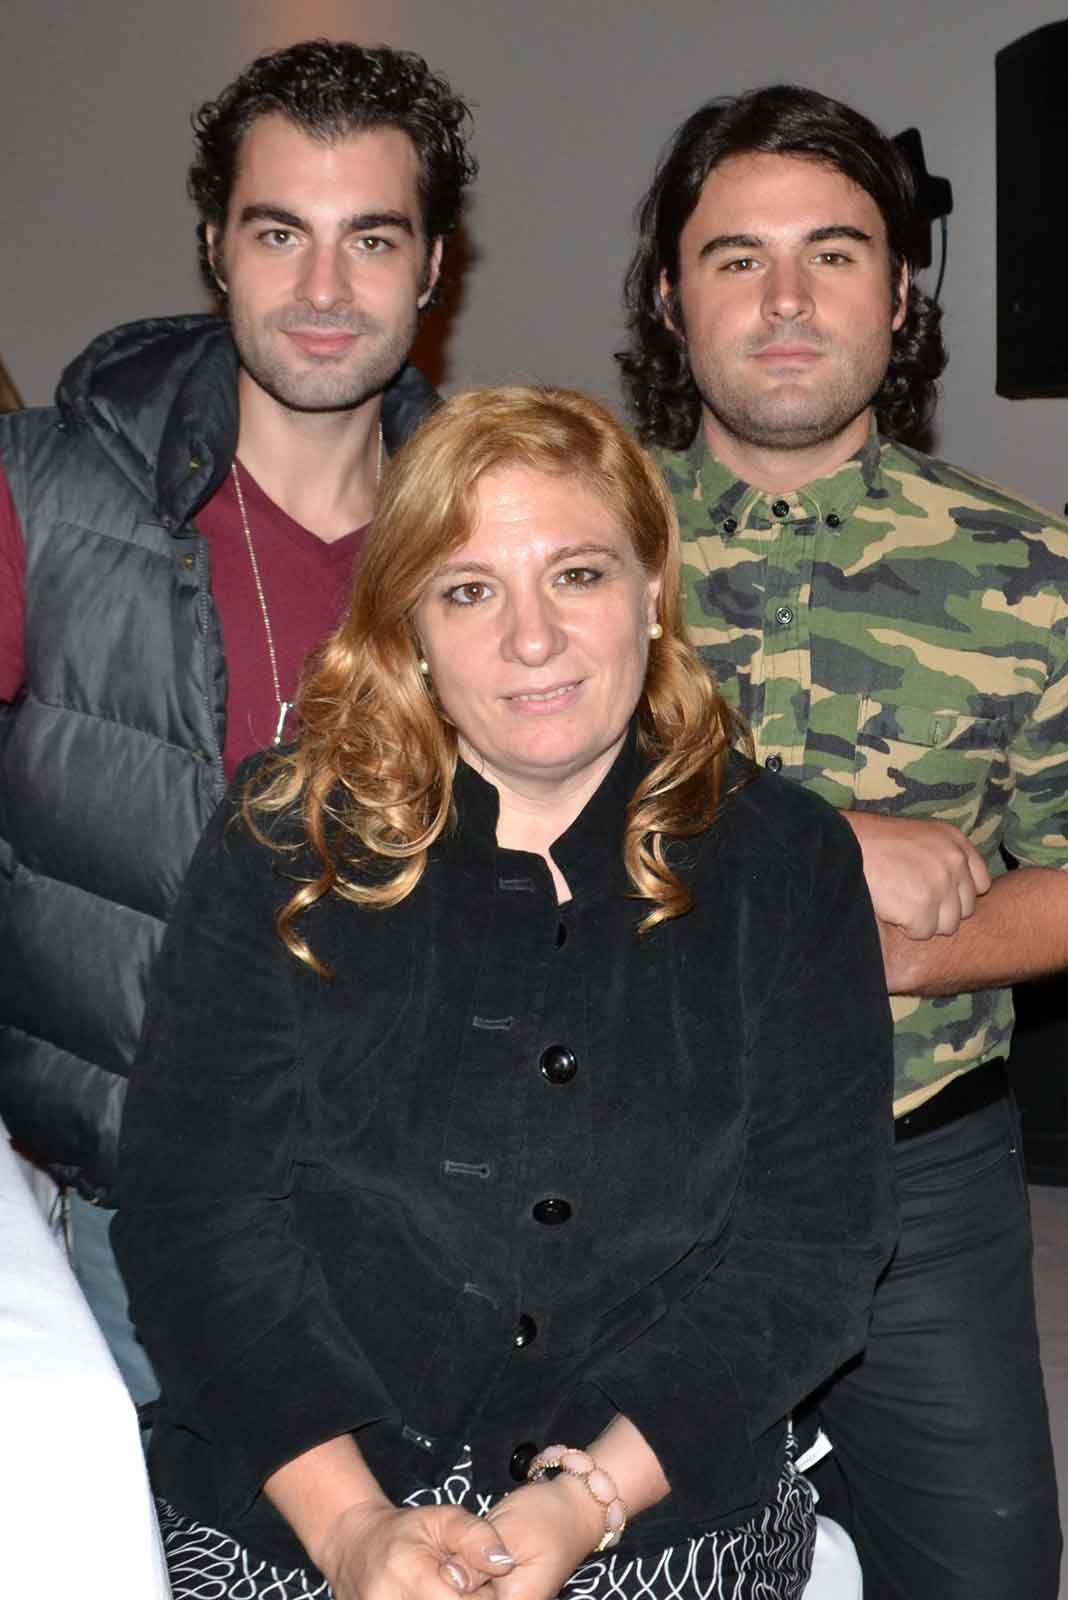 Le sobreviven su esposa Maribel y sus hijos Aldo y Carlo, que también son actores